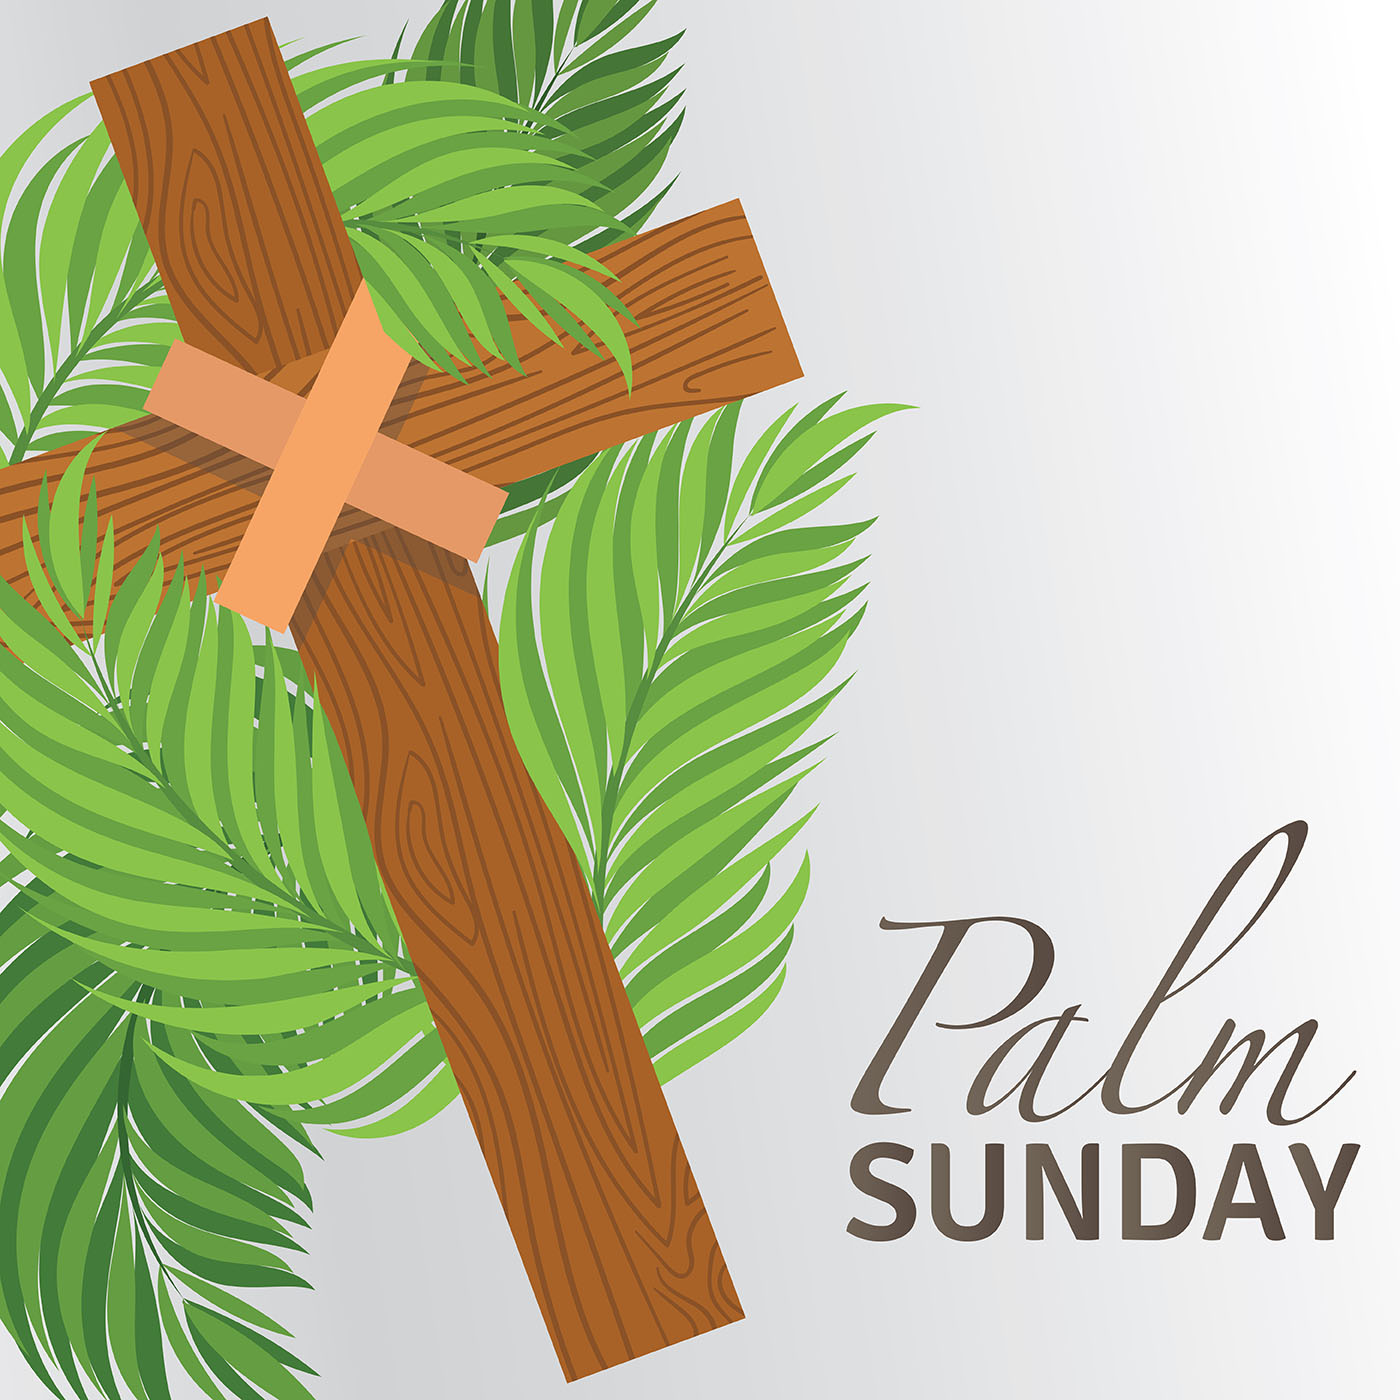 palm sunday - photo #30